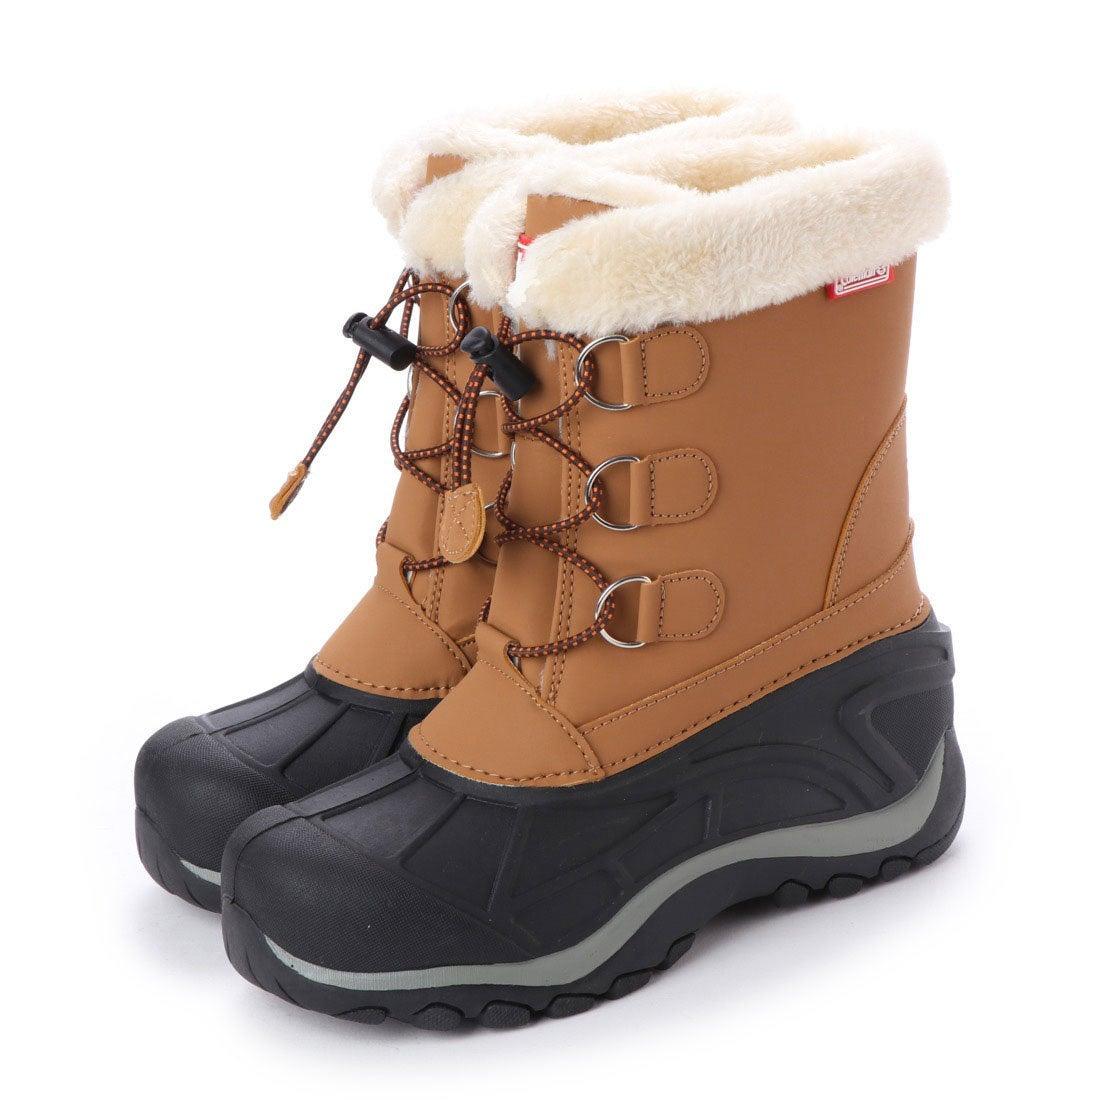 43777854520f5 ASBee コールマン coleman STEAMBOAT 812117 (ライトブラウン) -靴&ファッション通販 ロコンド〜自宅で試着、気軽に返品